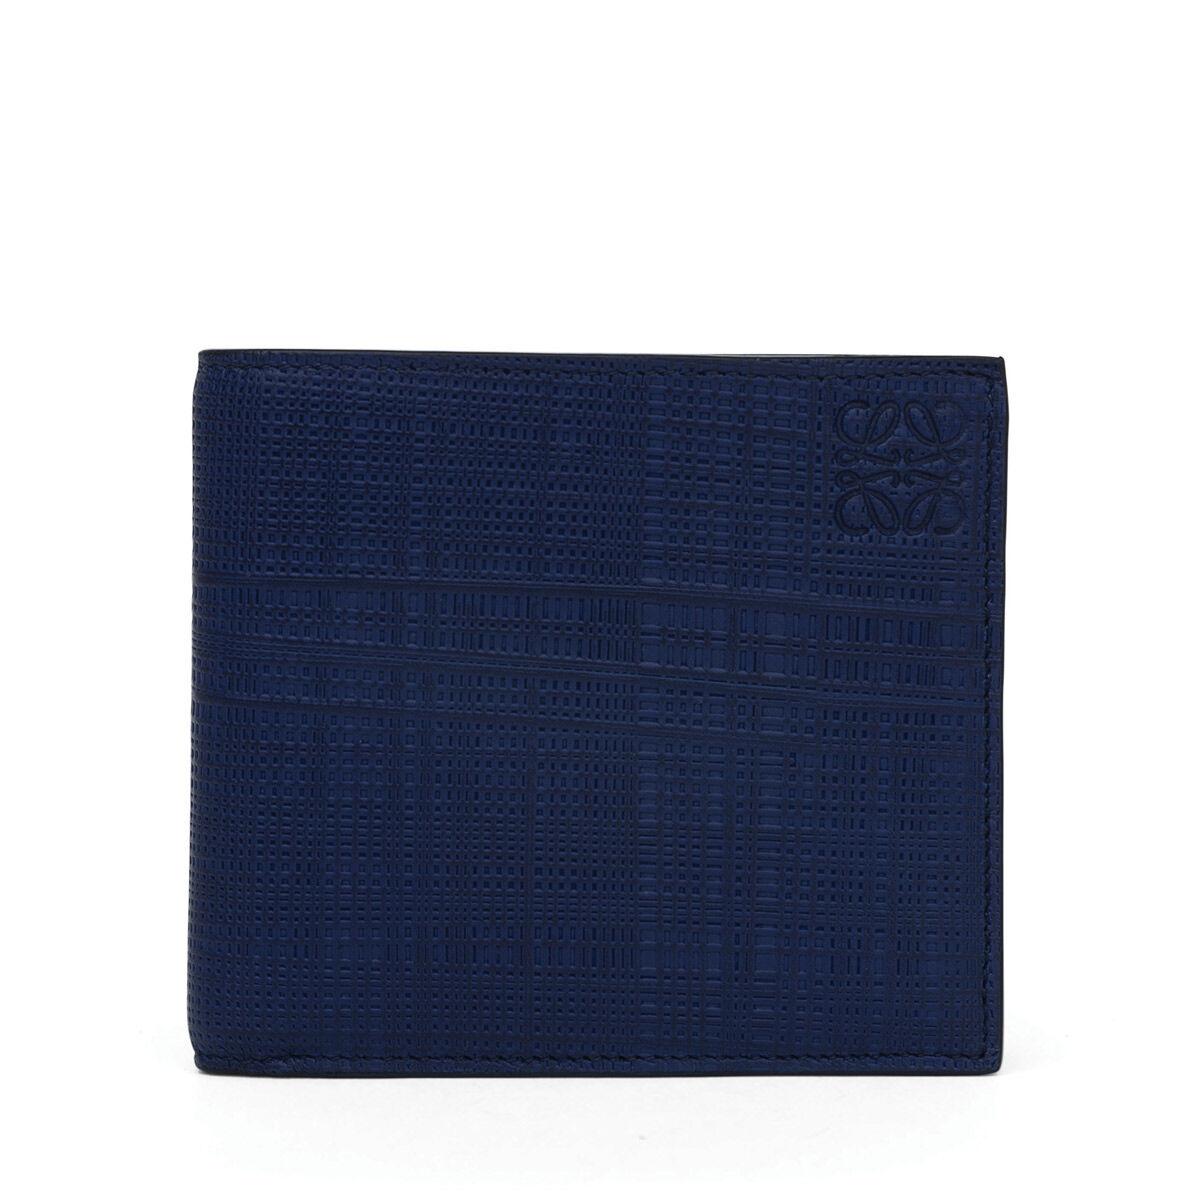 LOEWE Bifold Wallet Navy Blue all